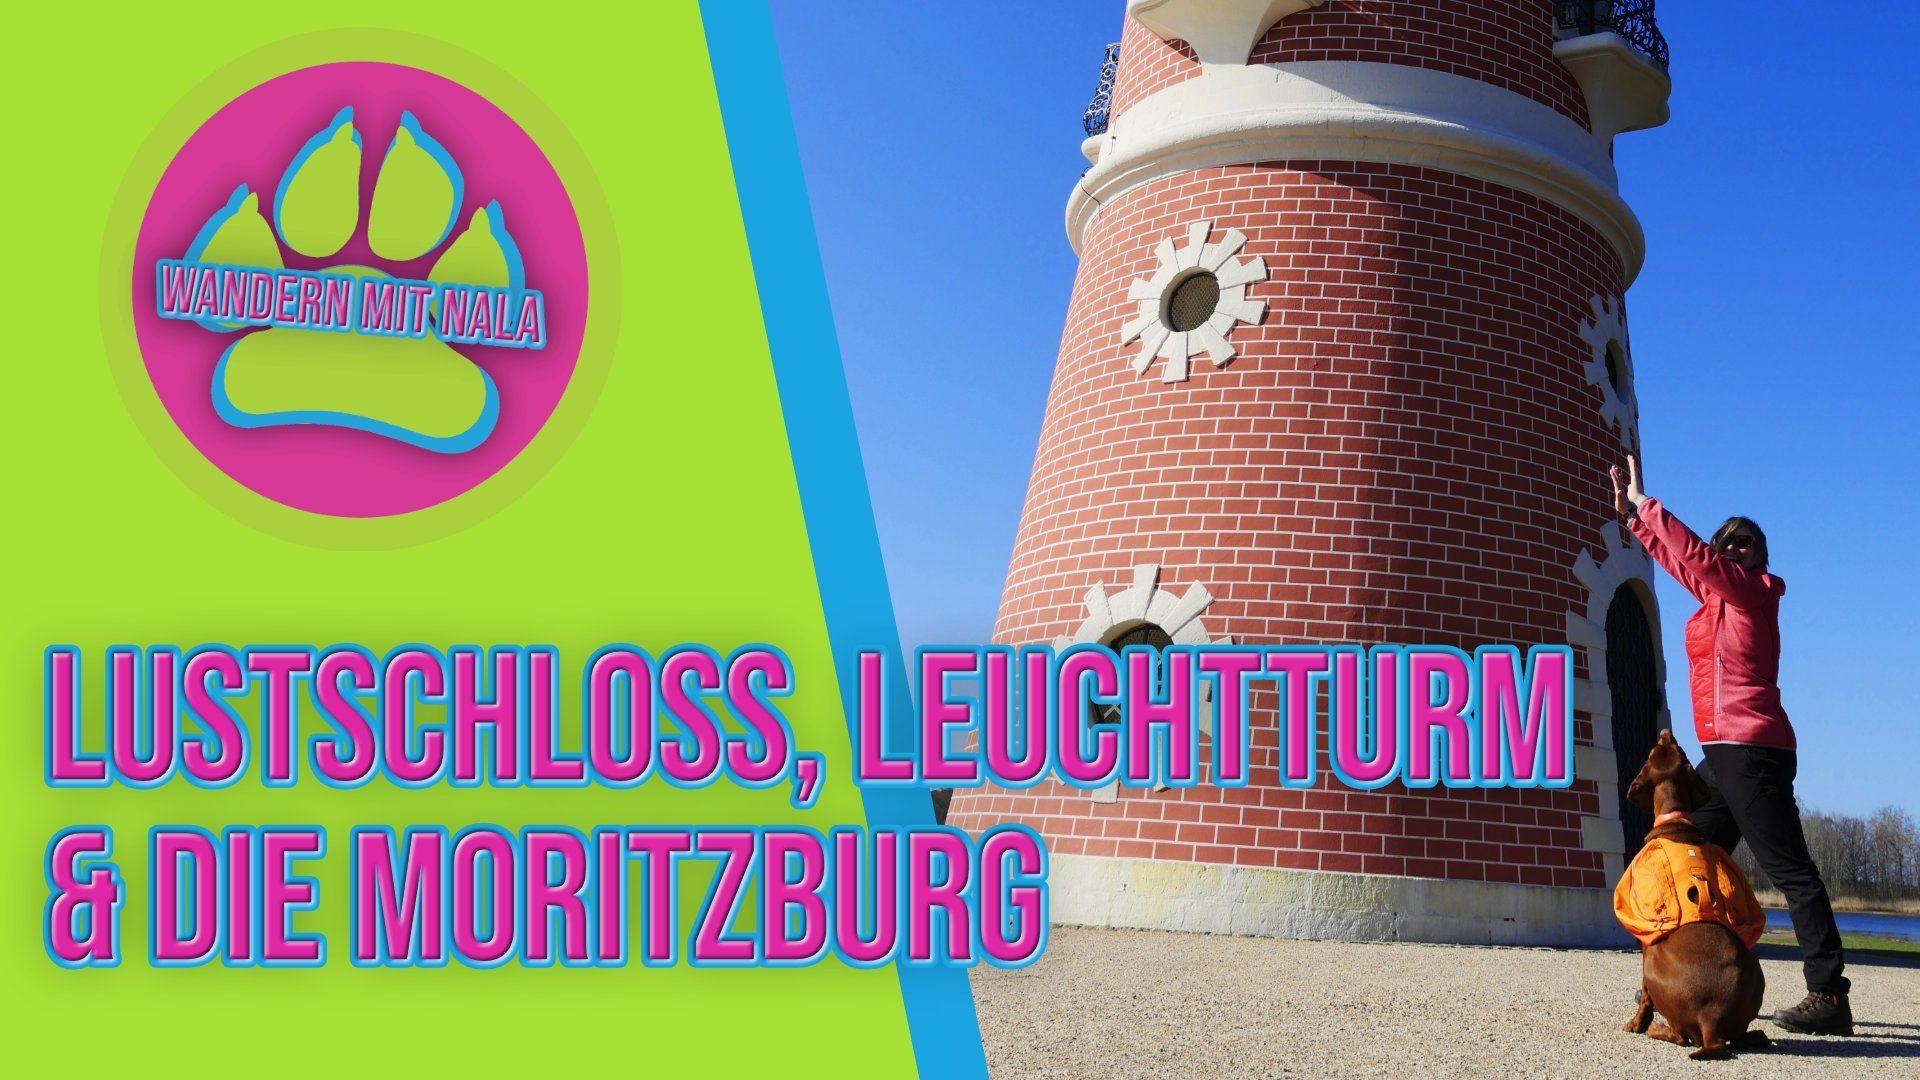 Mit Hund unterwegs zu Lustschloss, Leuchtturm und Moritzburg